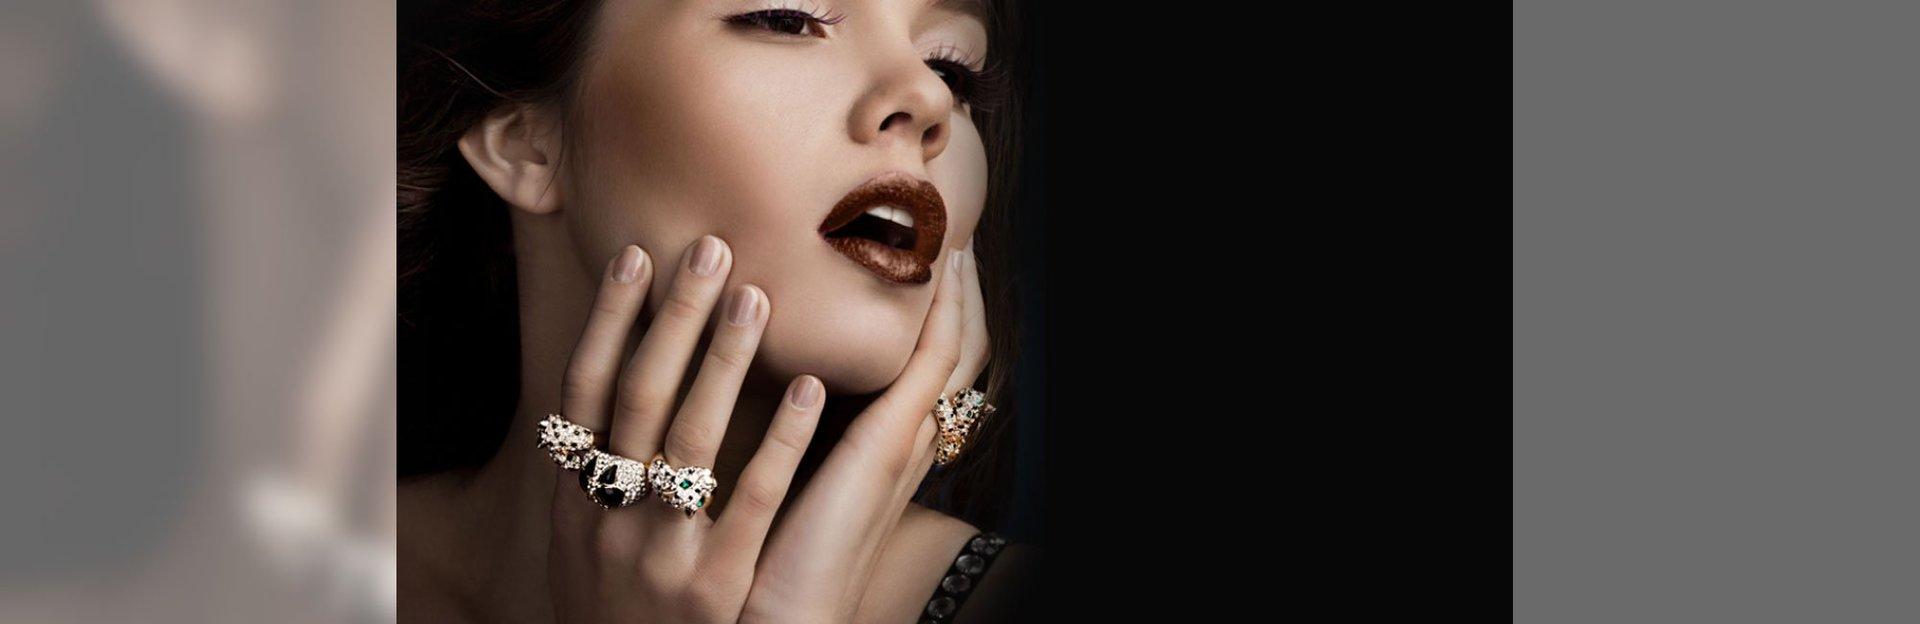 Lady wearing gemstone diamond ring